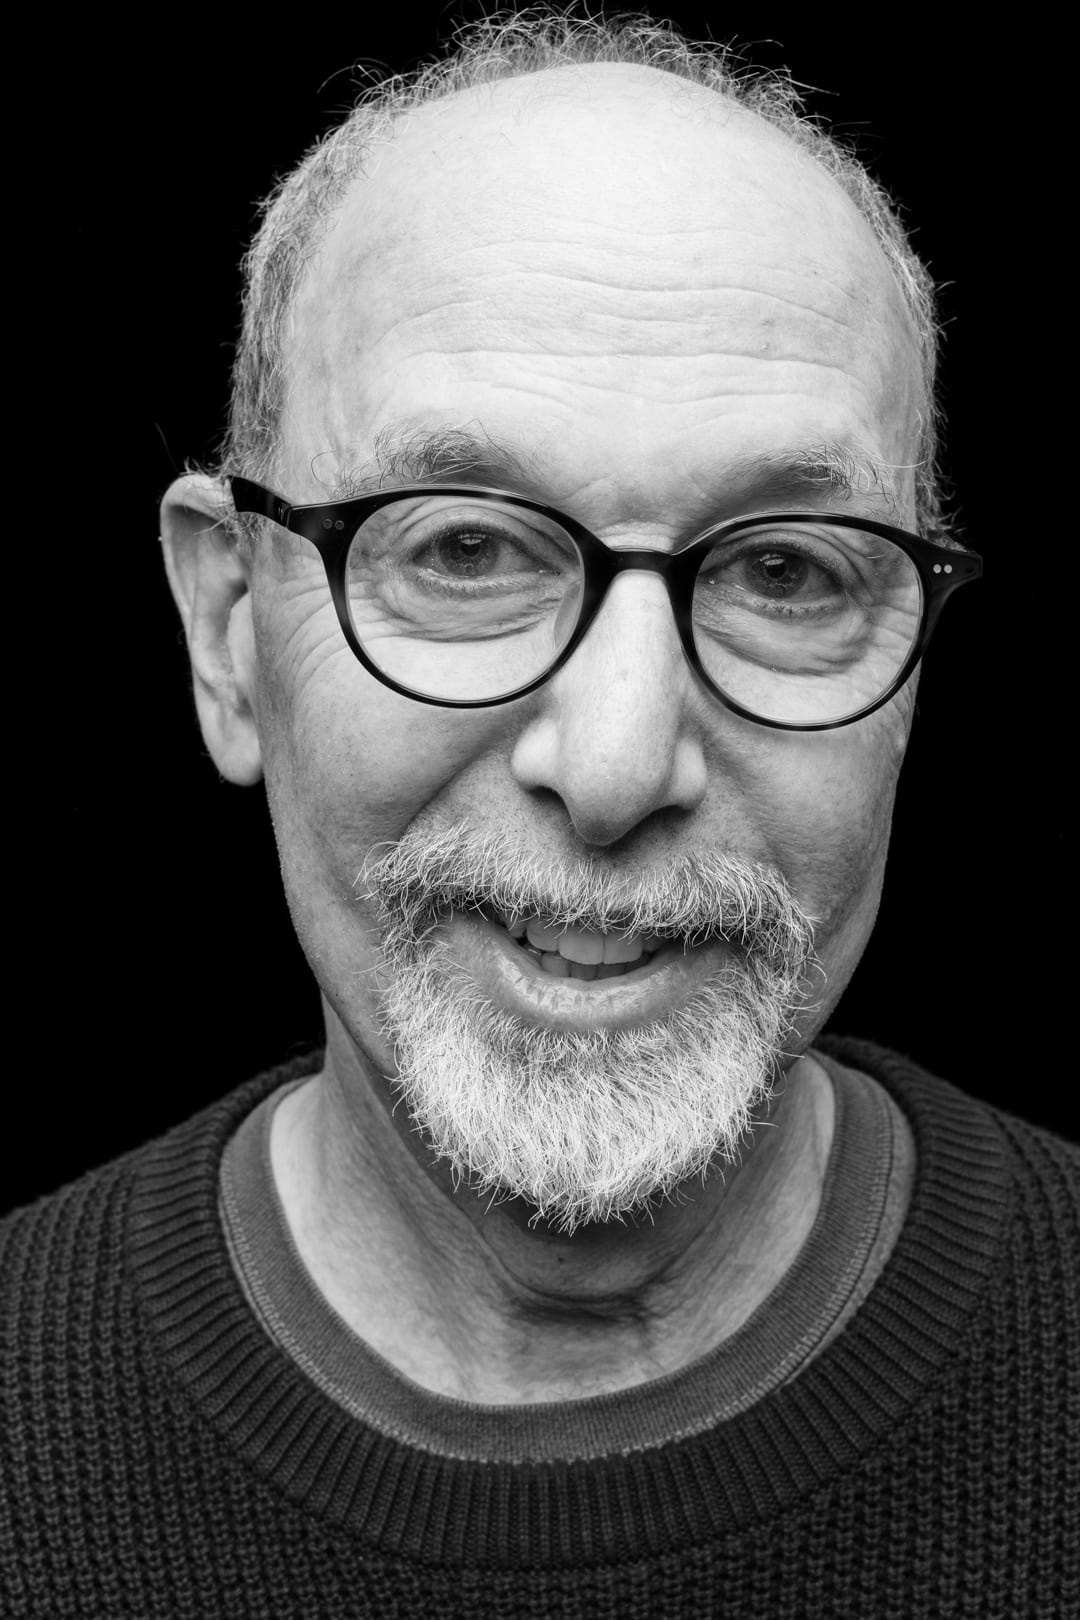 Michael Schein